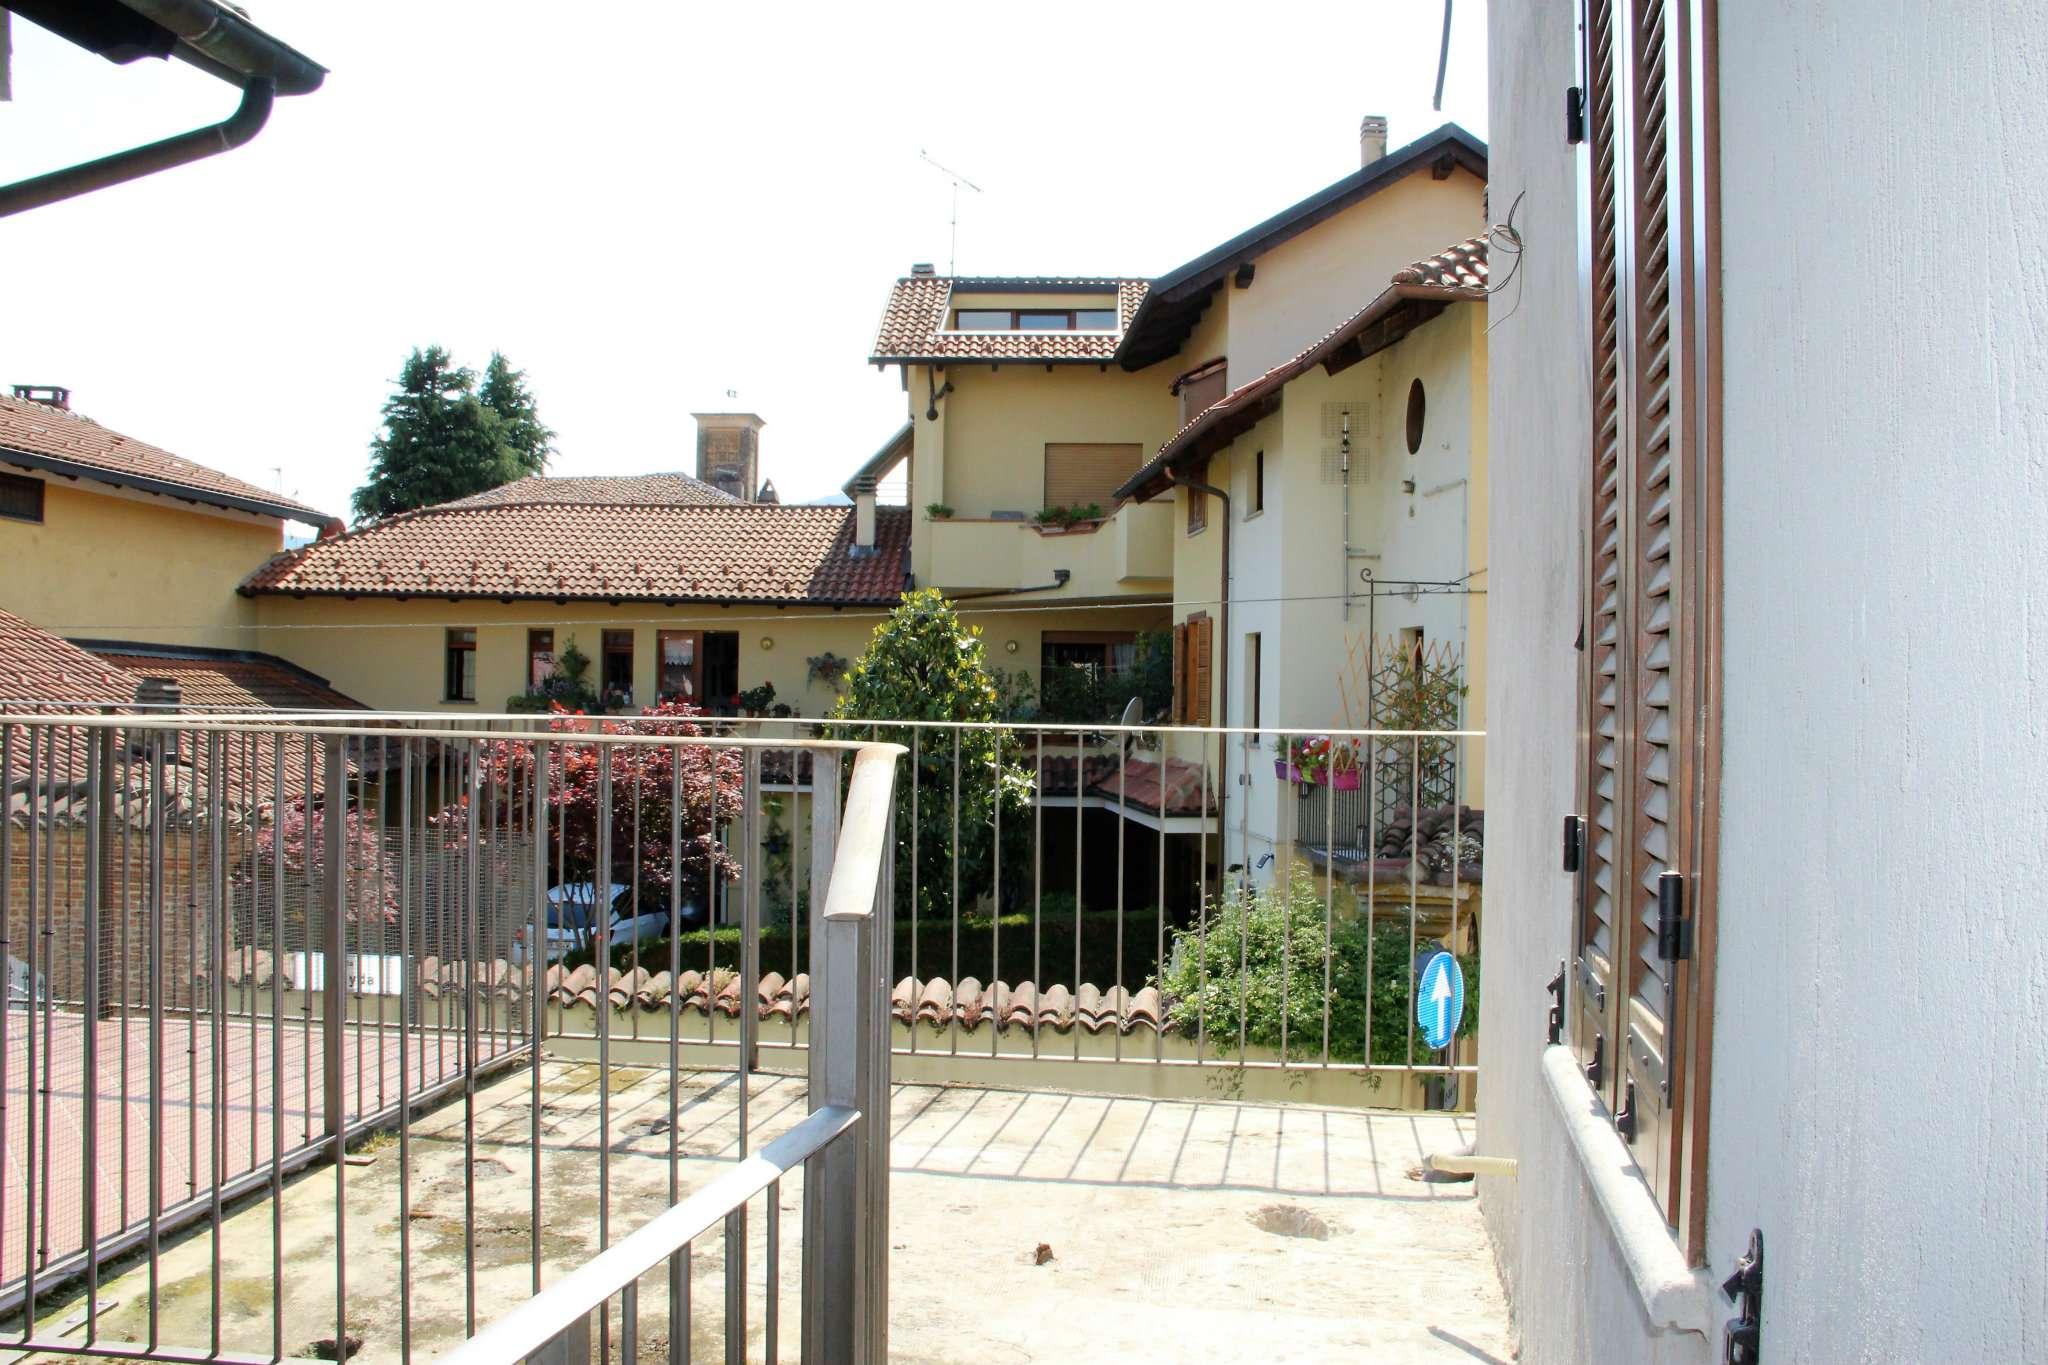 Appartamento in vendita a Villarbasse, 2 locali, prezzo € 175.000 | Cambio Casa.it